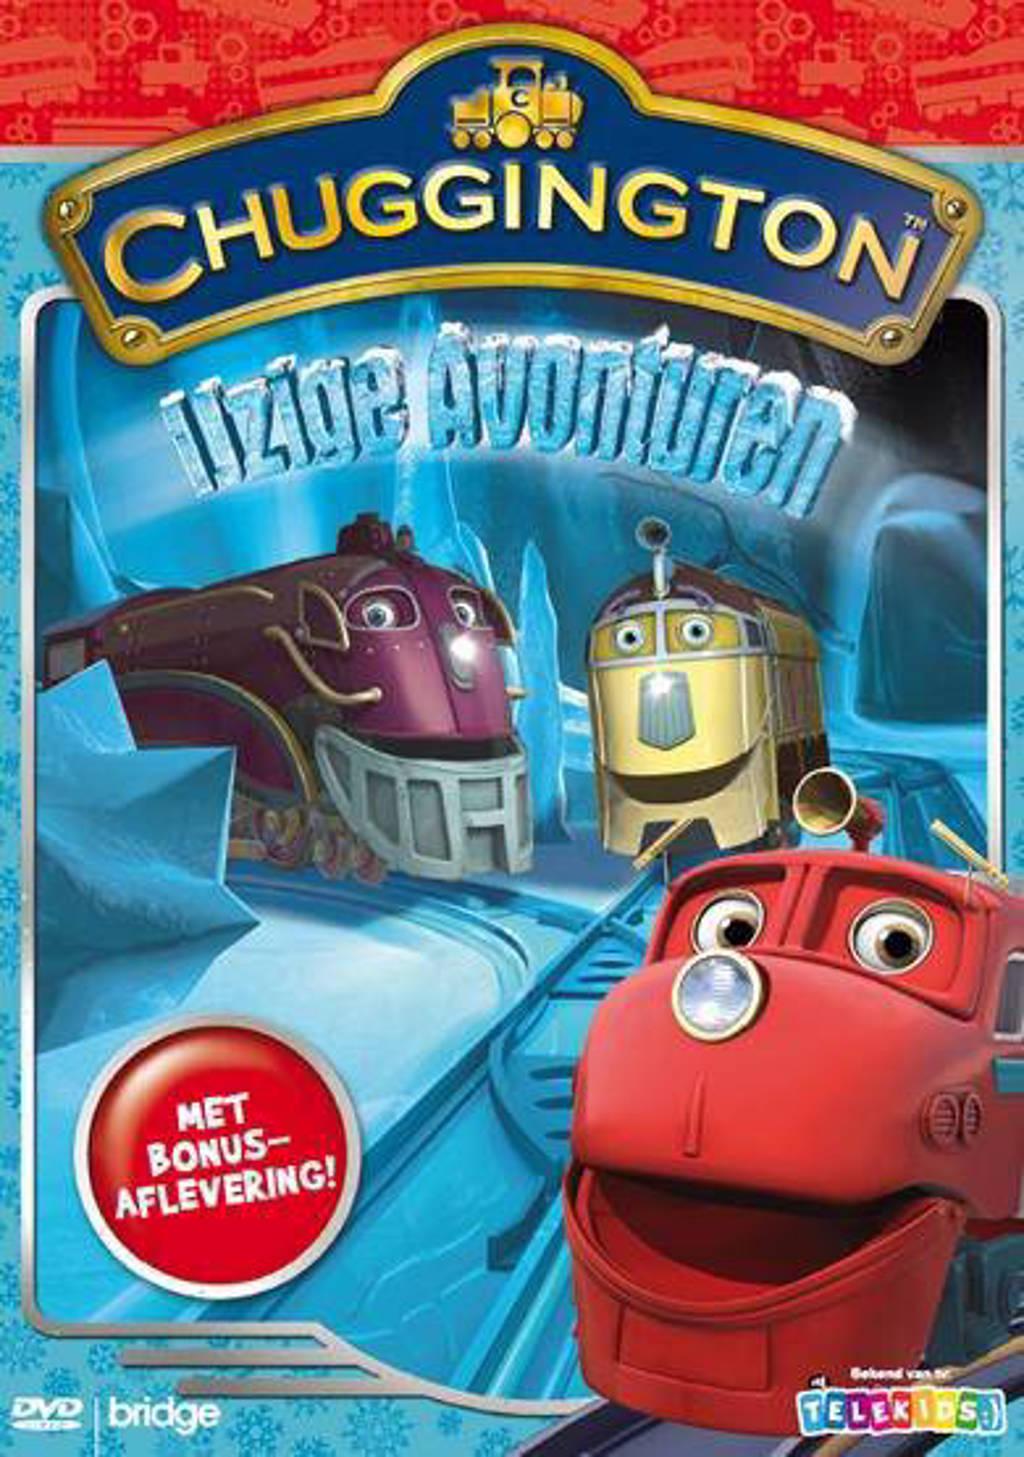 Chuggington - IJzige avonturen (DVD)